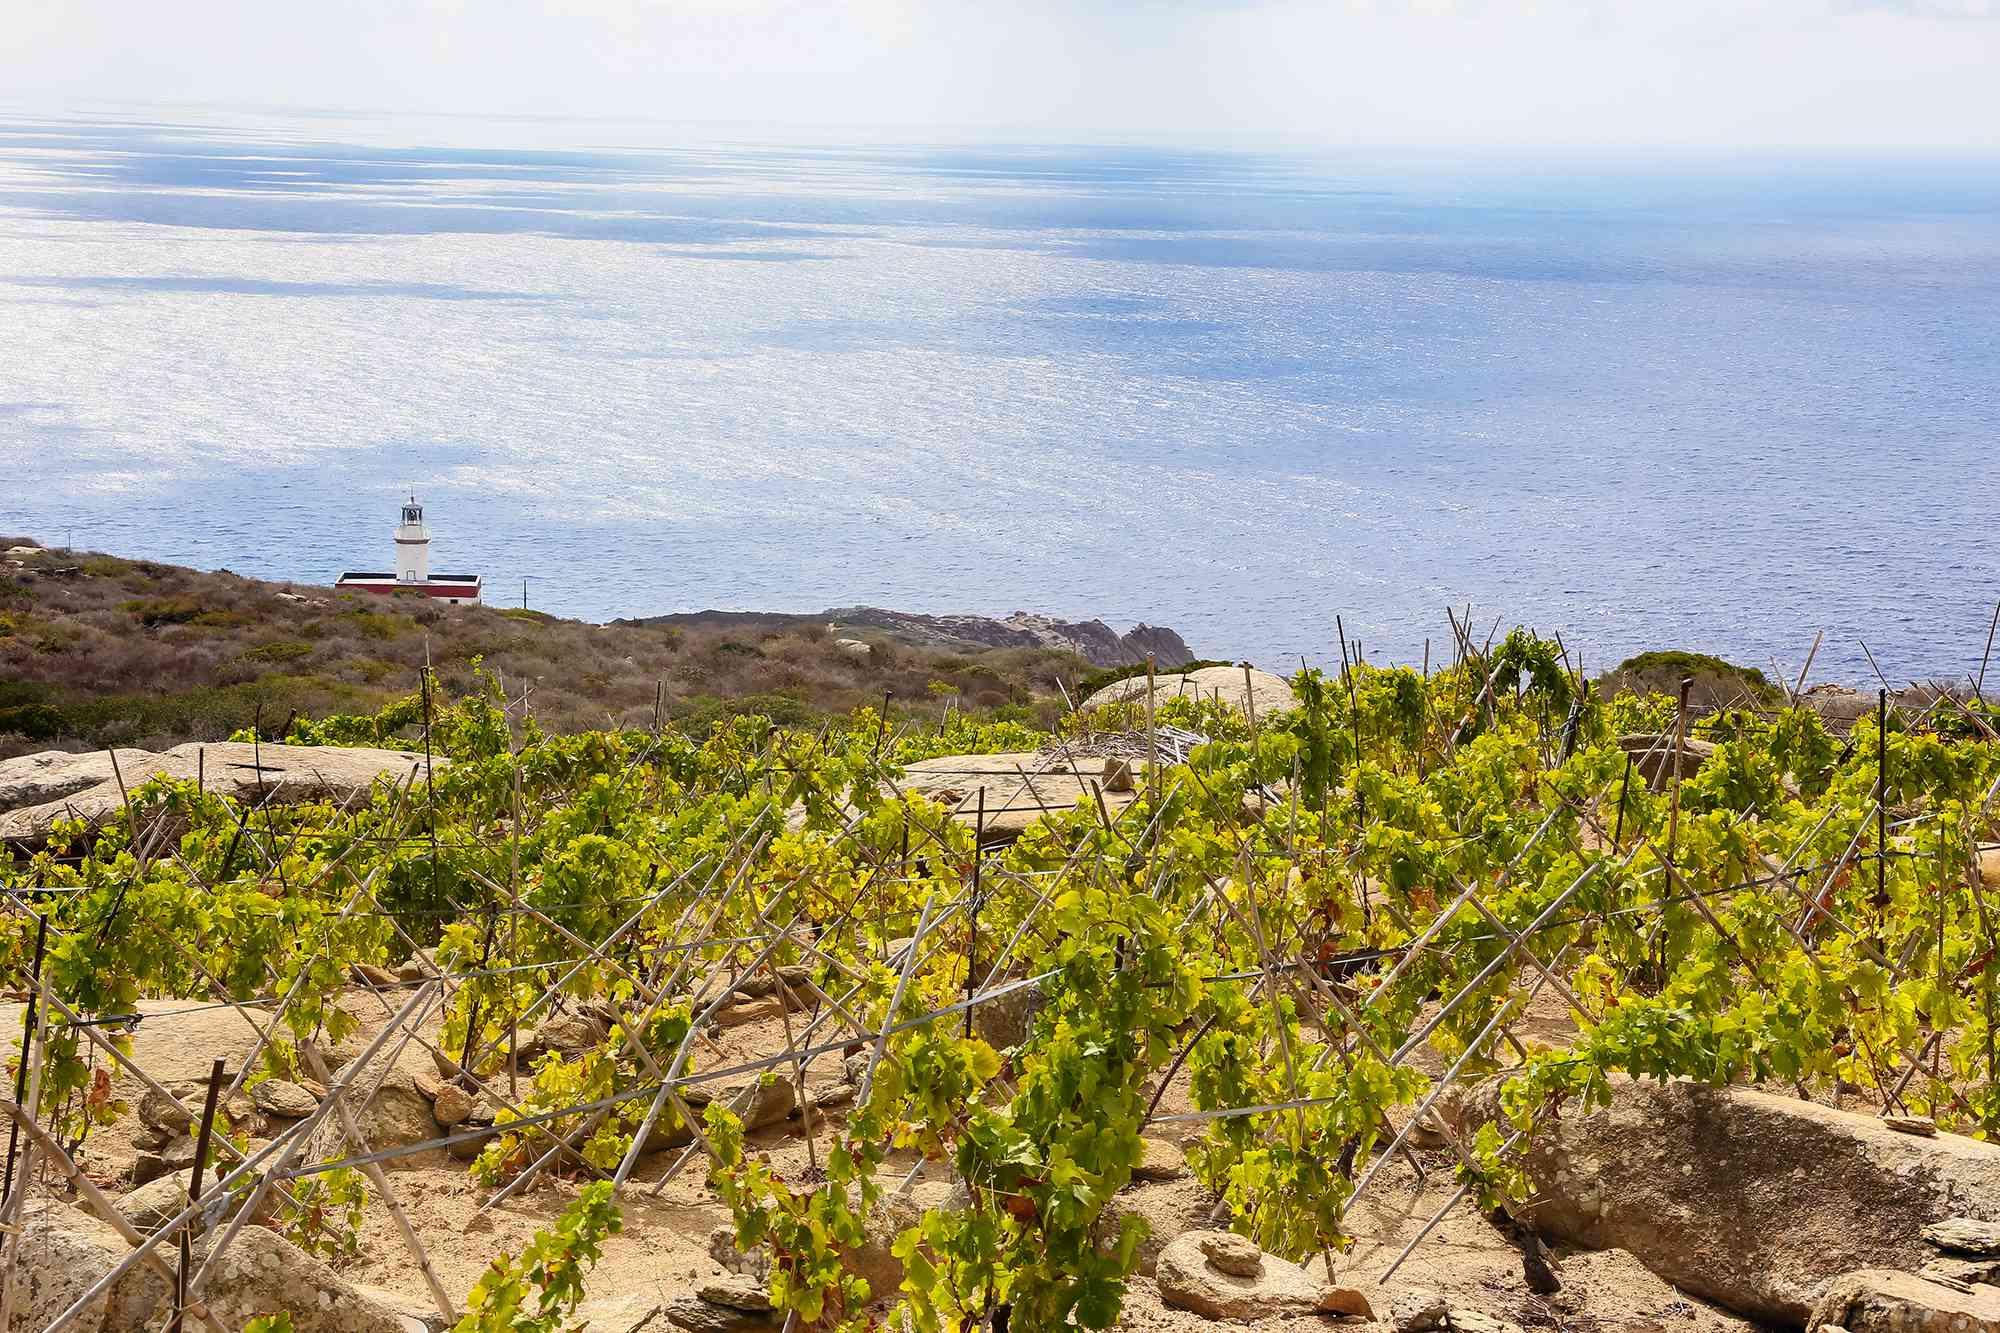 Ansonaco grapes on Isola di Giglio